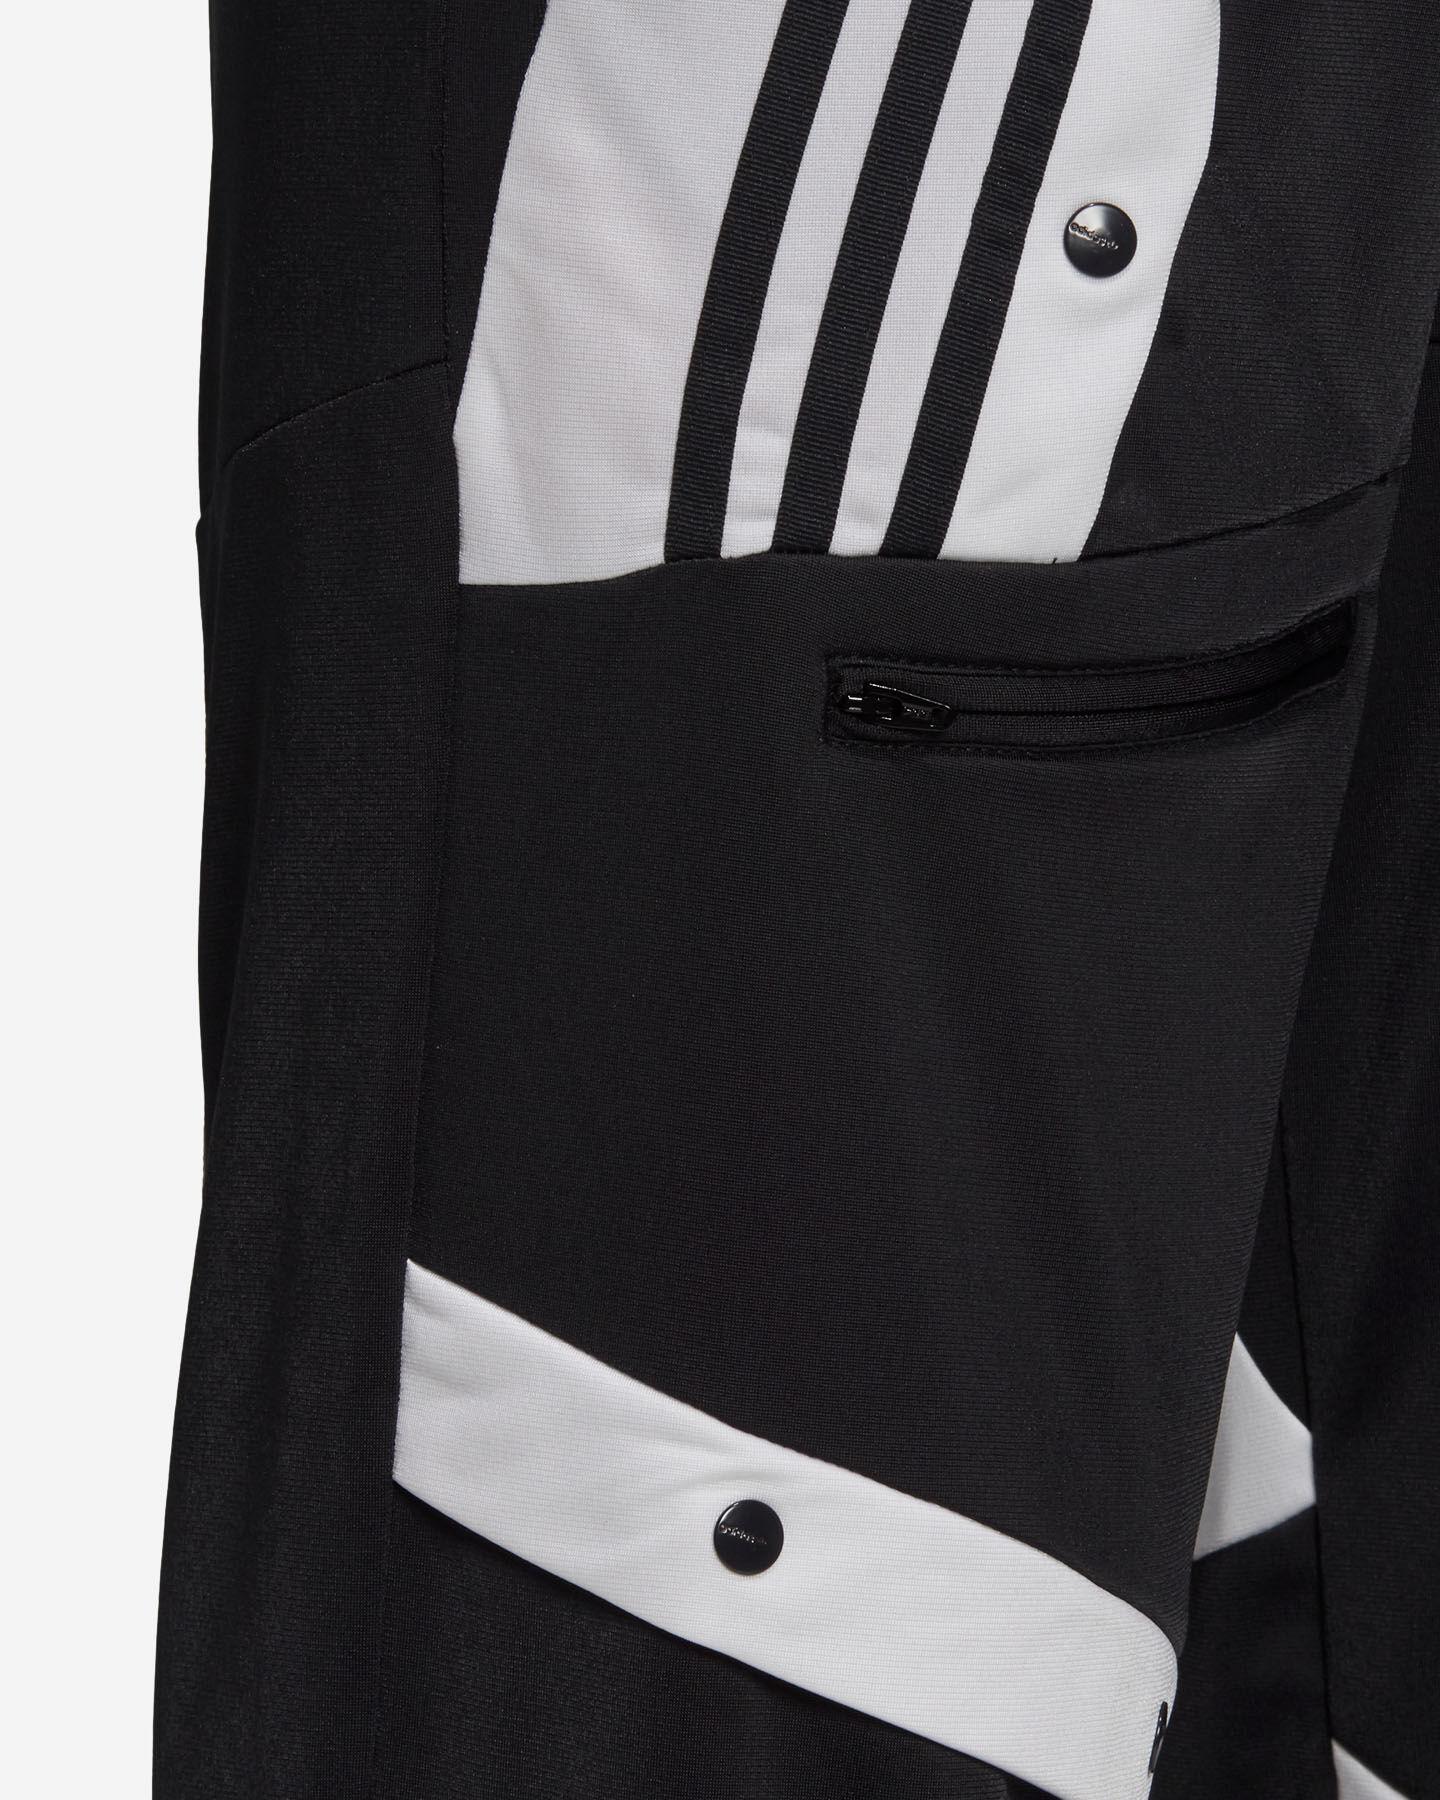 Pantalone ADIDAS ORIGINALS DANIELLE CATHARI TRACK W S5210233 scatto 5